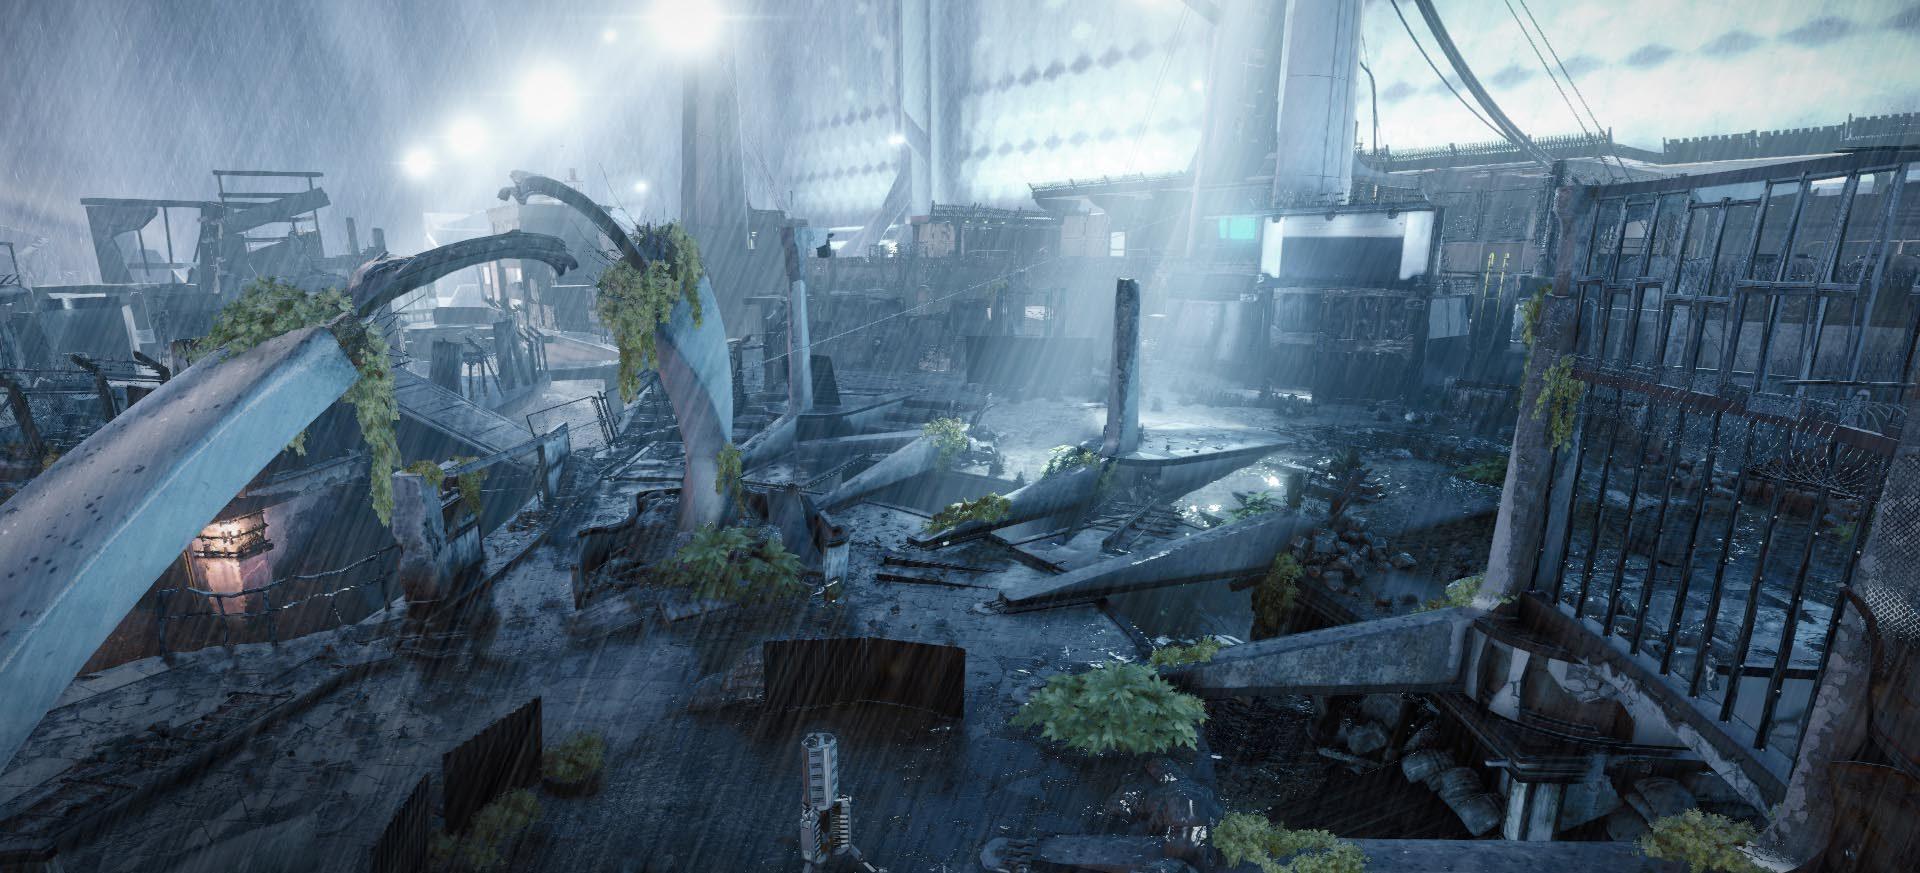 Le monde de Killzone: Shadow Fall est incroyablement vaste et détaillé...